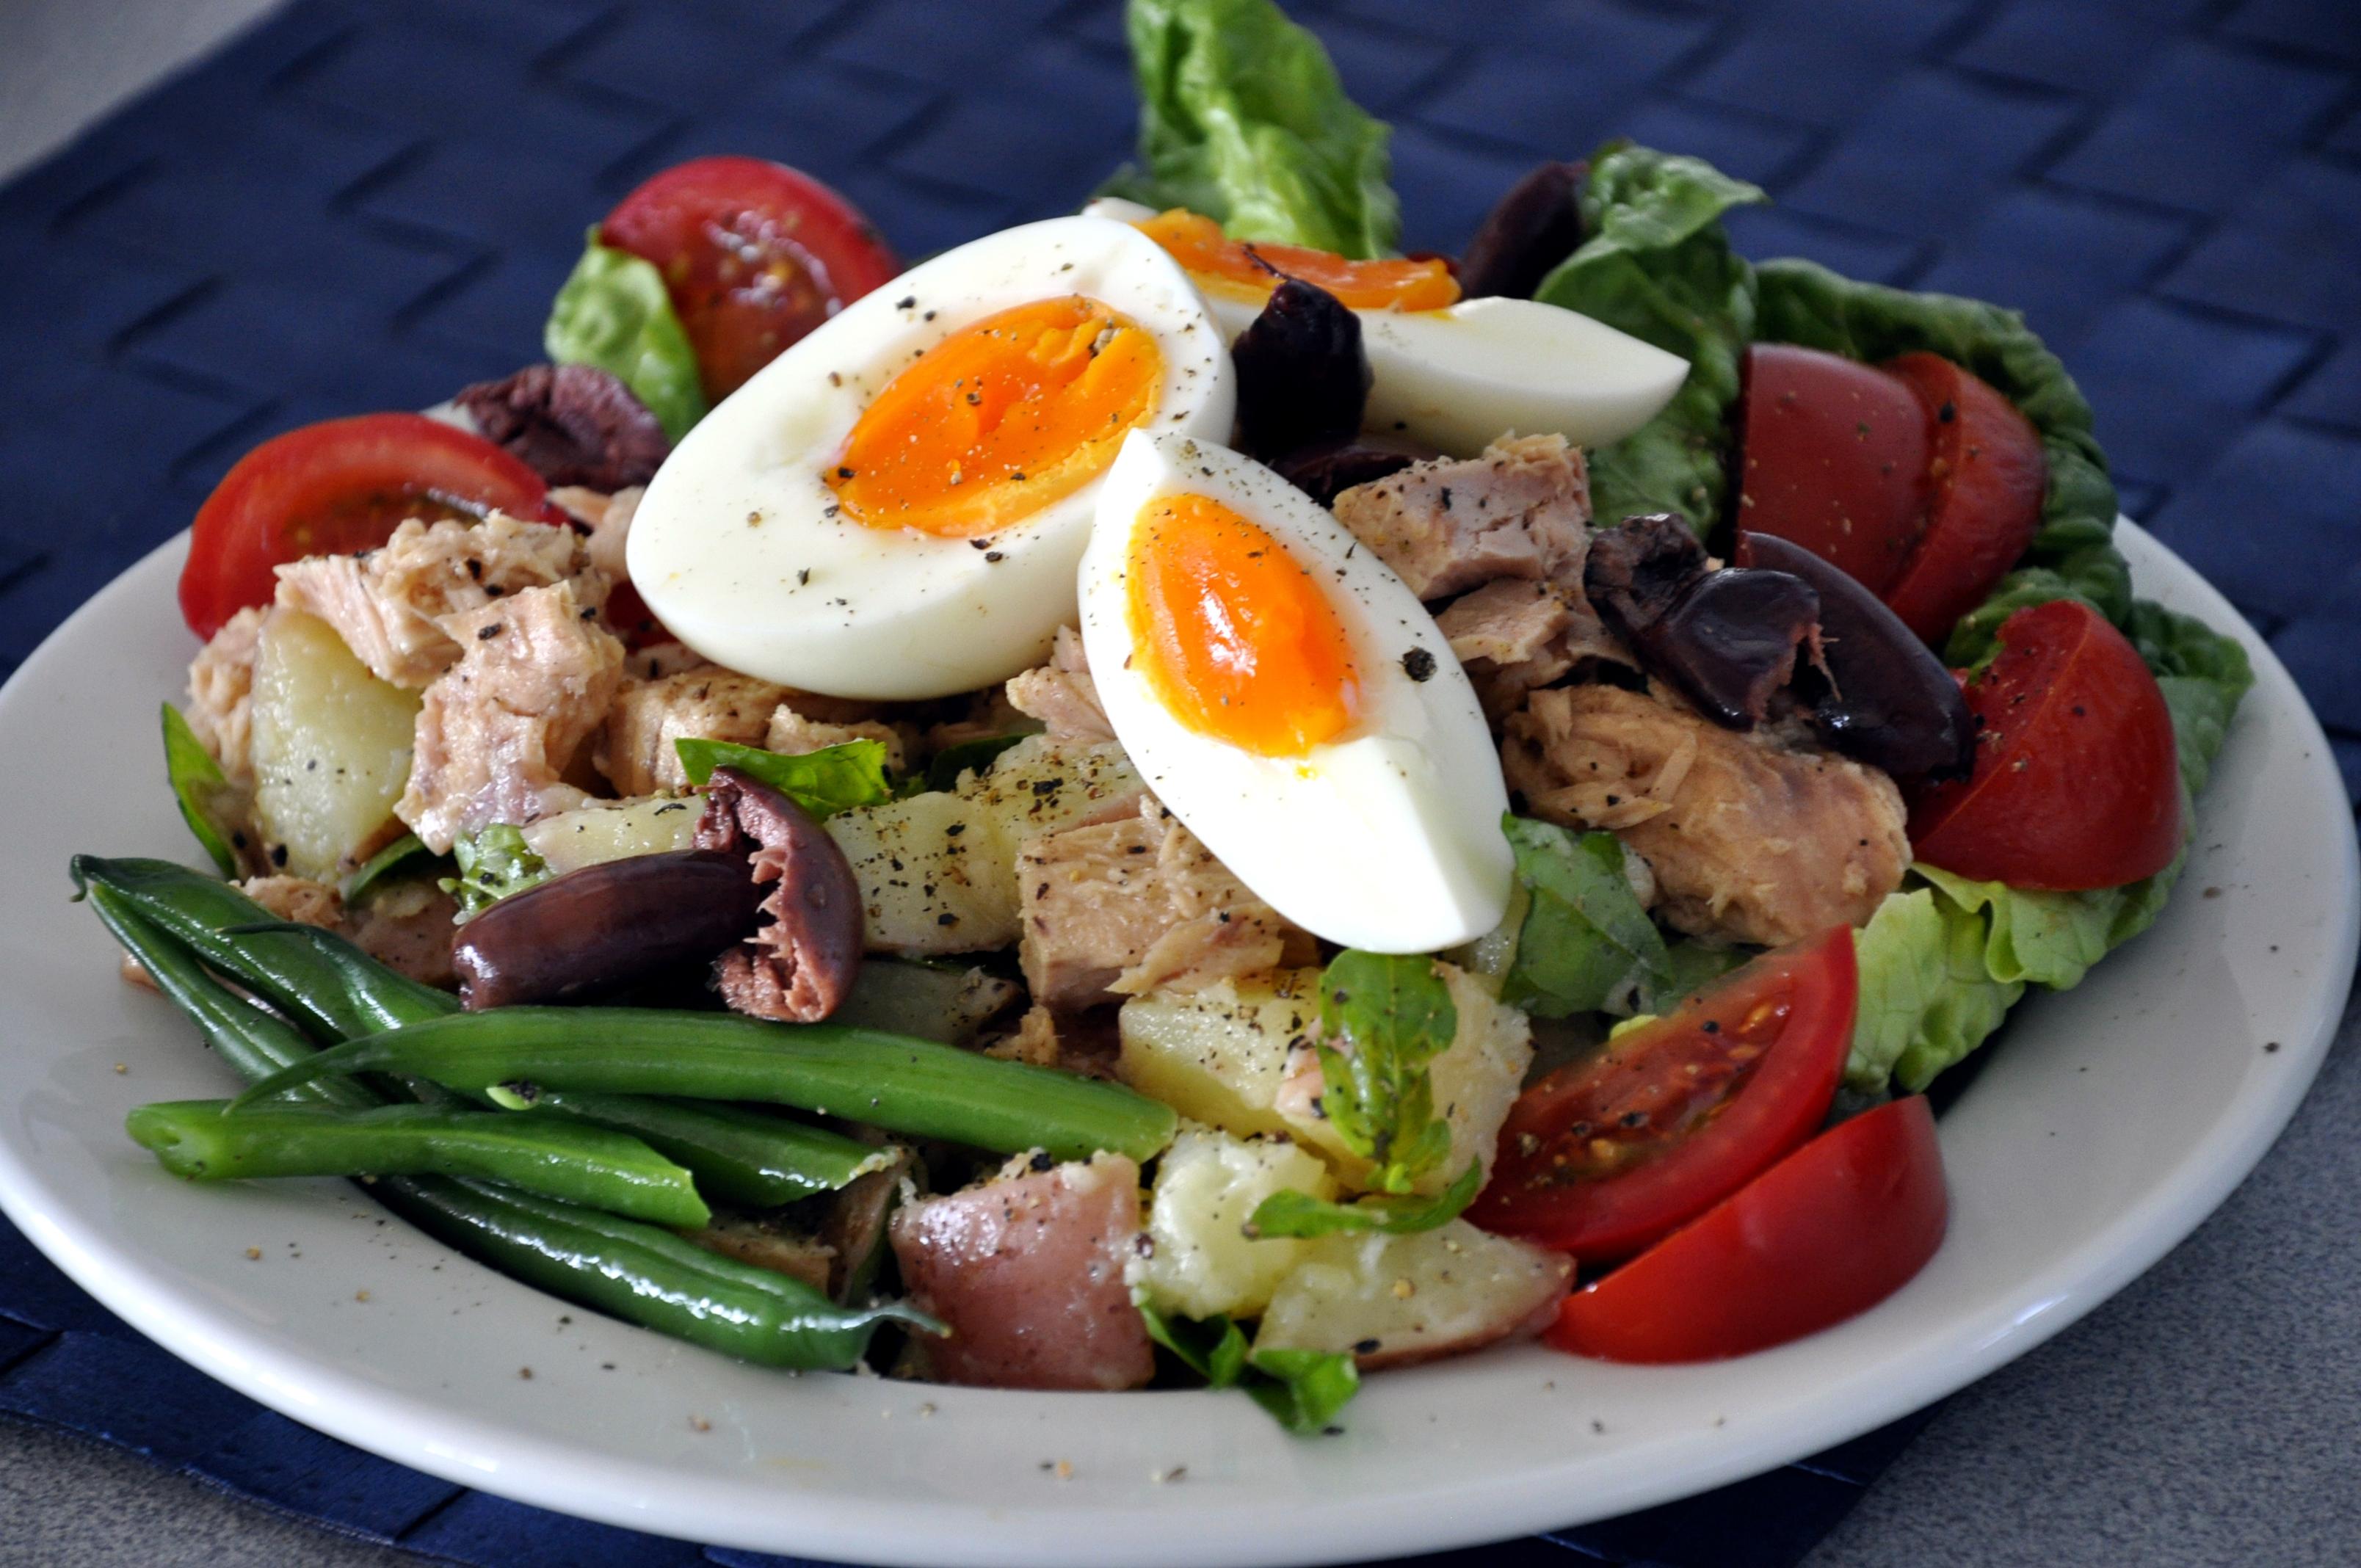 L'insalata nizzarda è la soluzione ideale per risolvere un pranzo o una cena quando le temperature iniziano a salire.